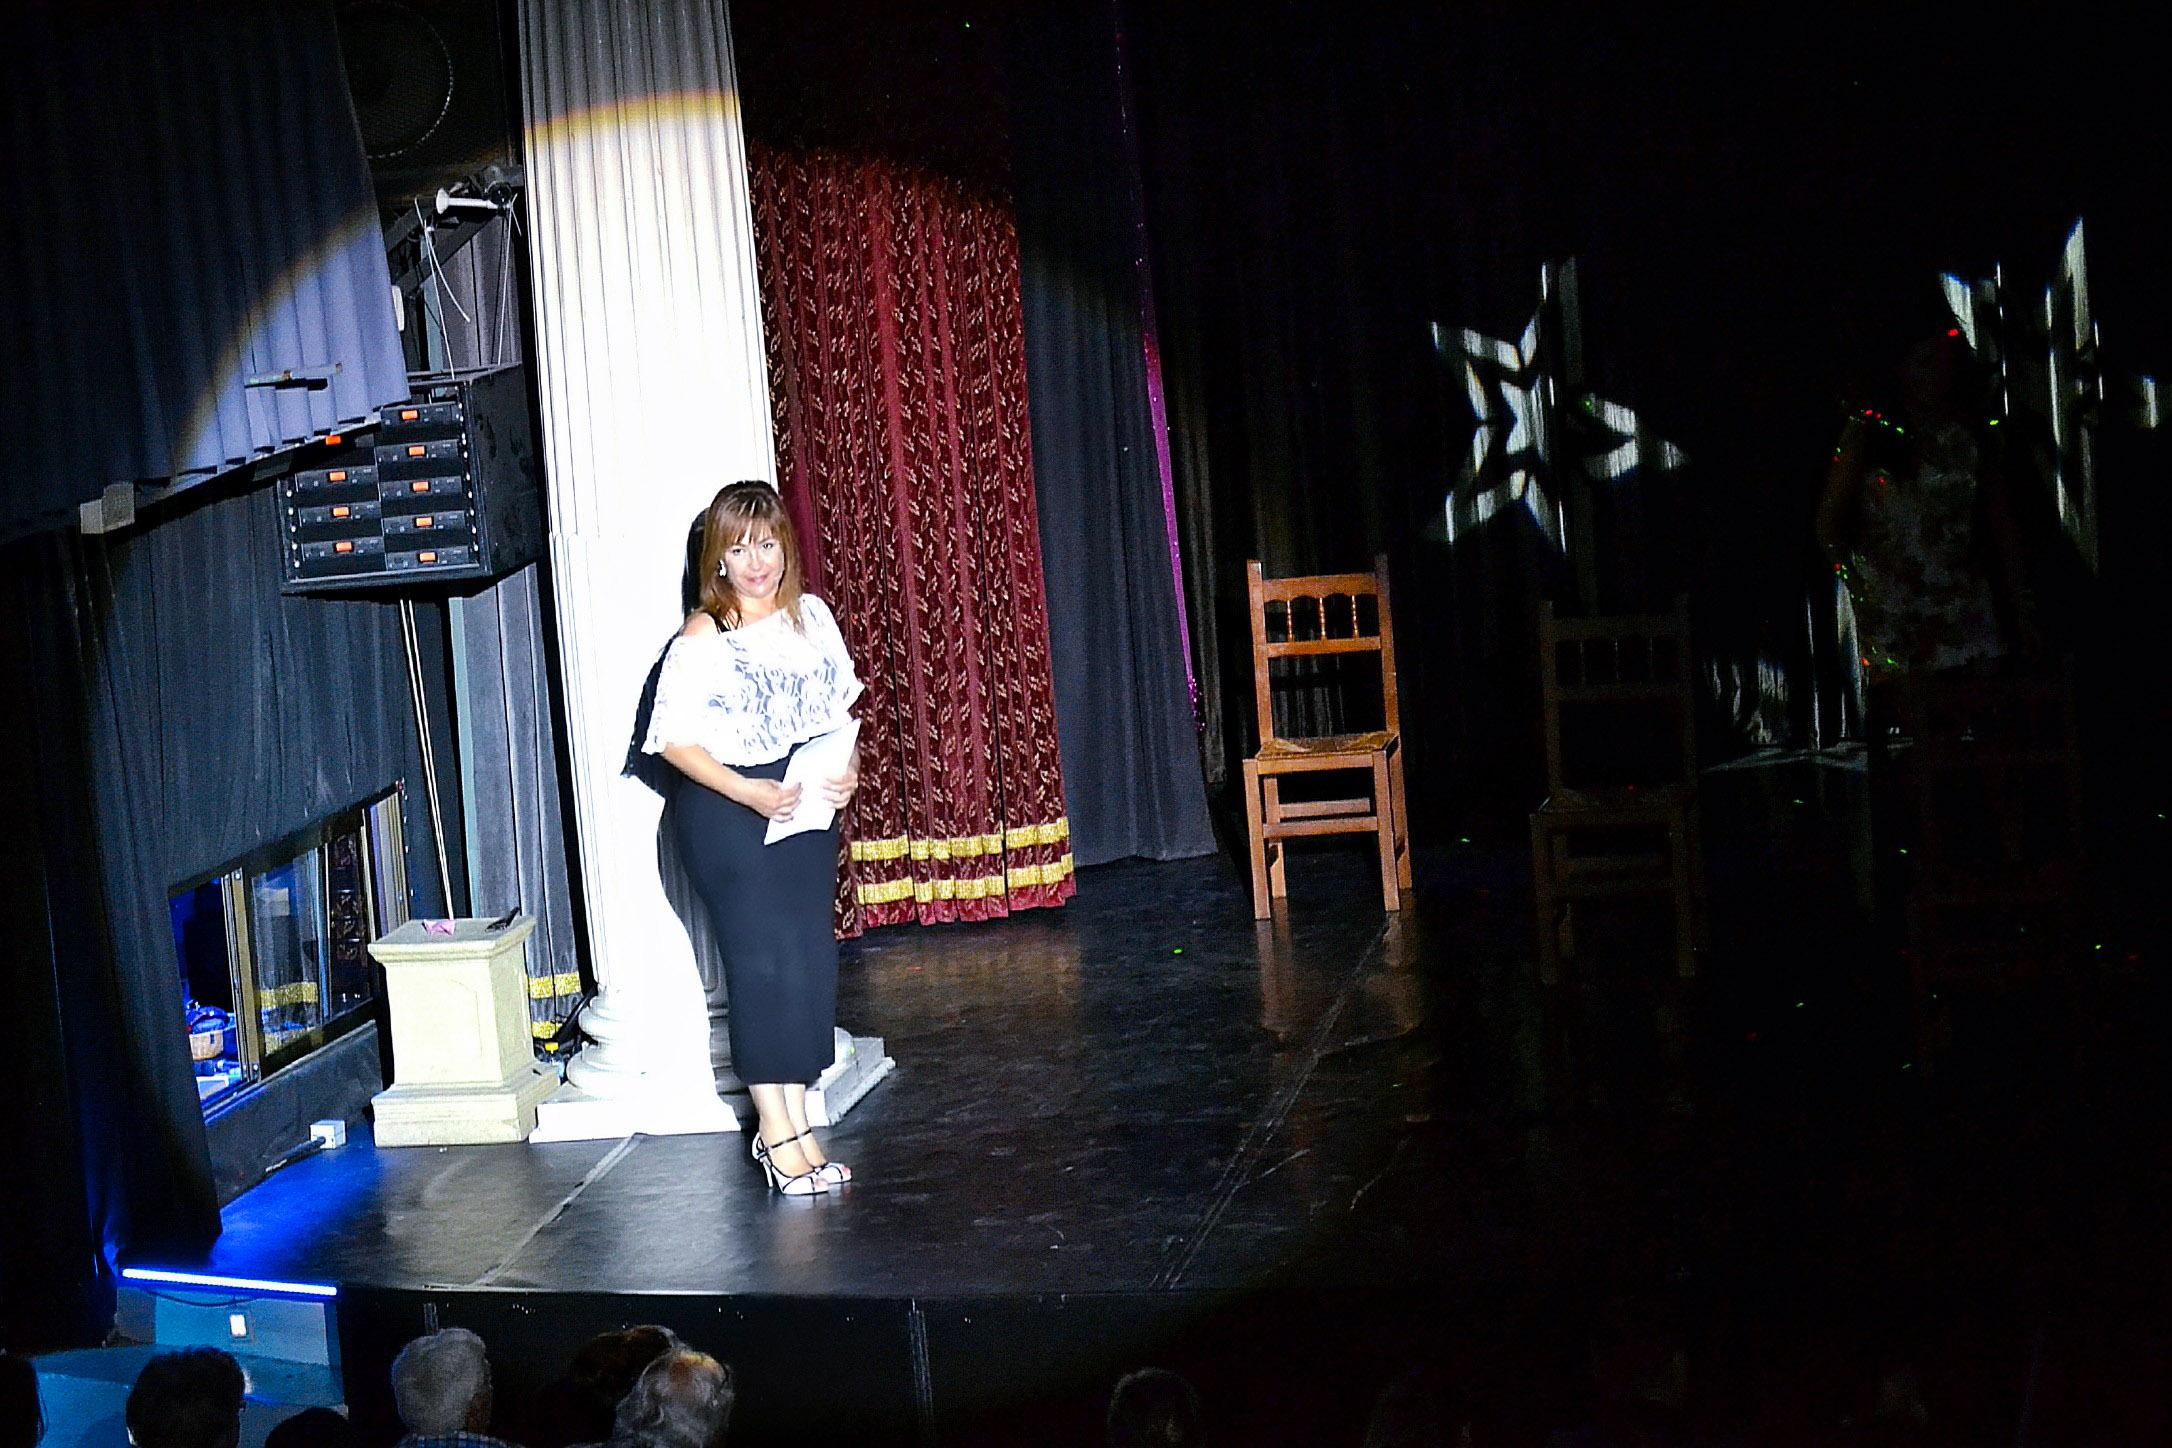 Linea-de-Baile-festival-verano-2015-clases-de-baile-valencia-129